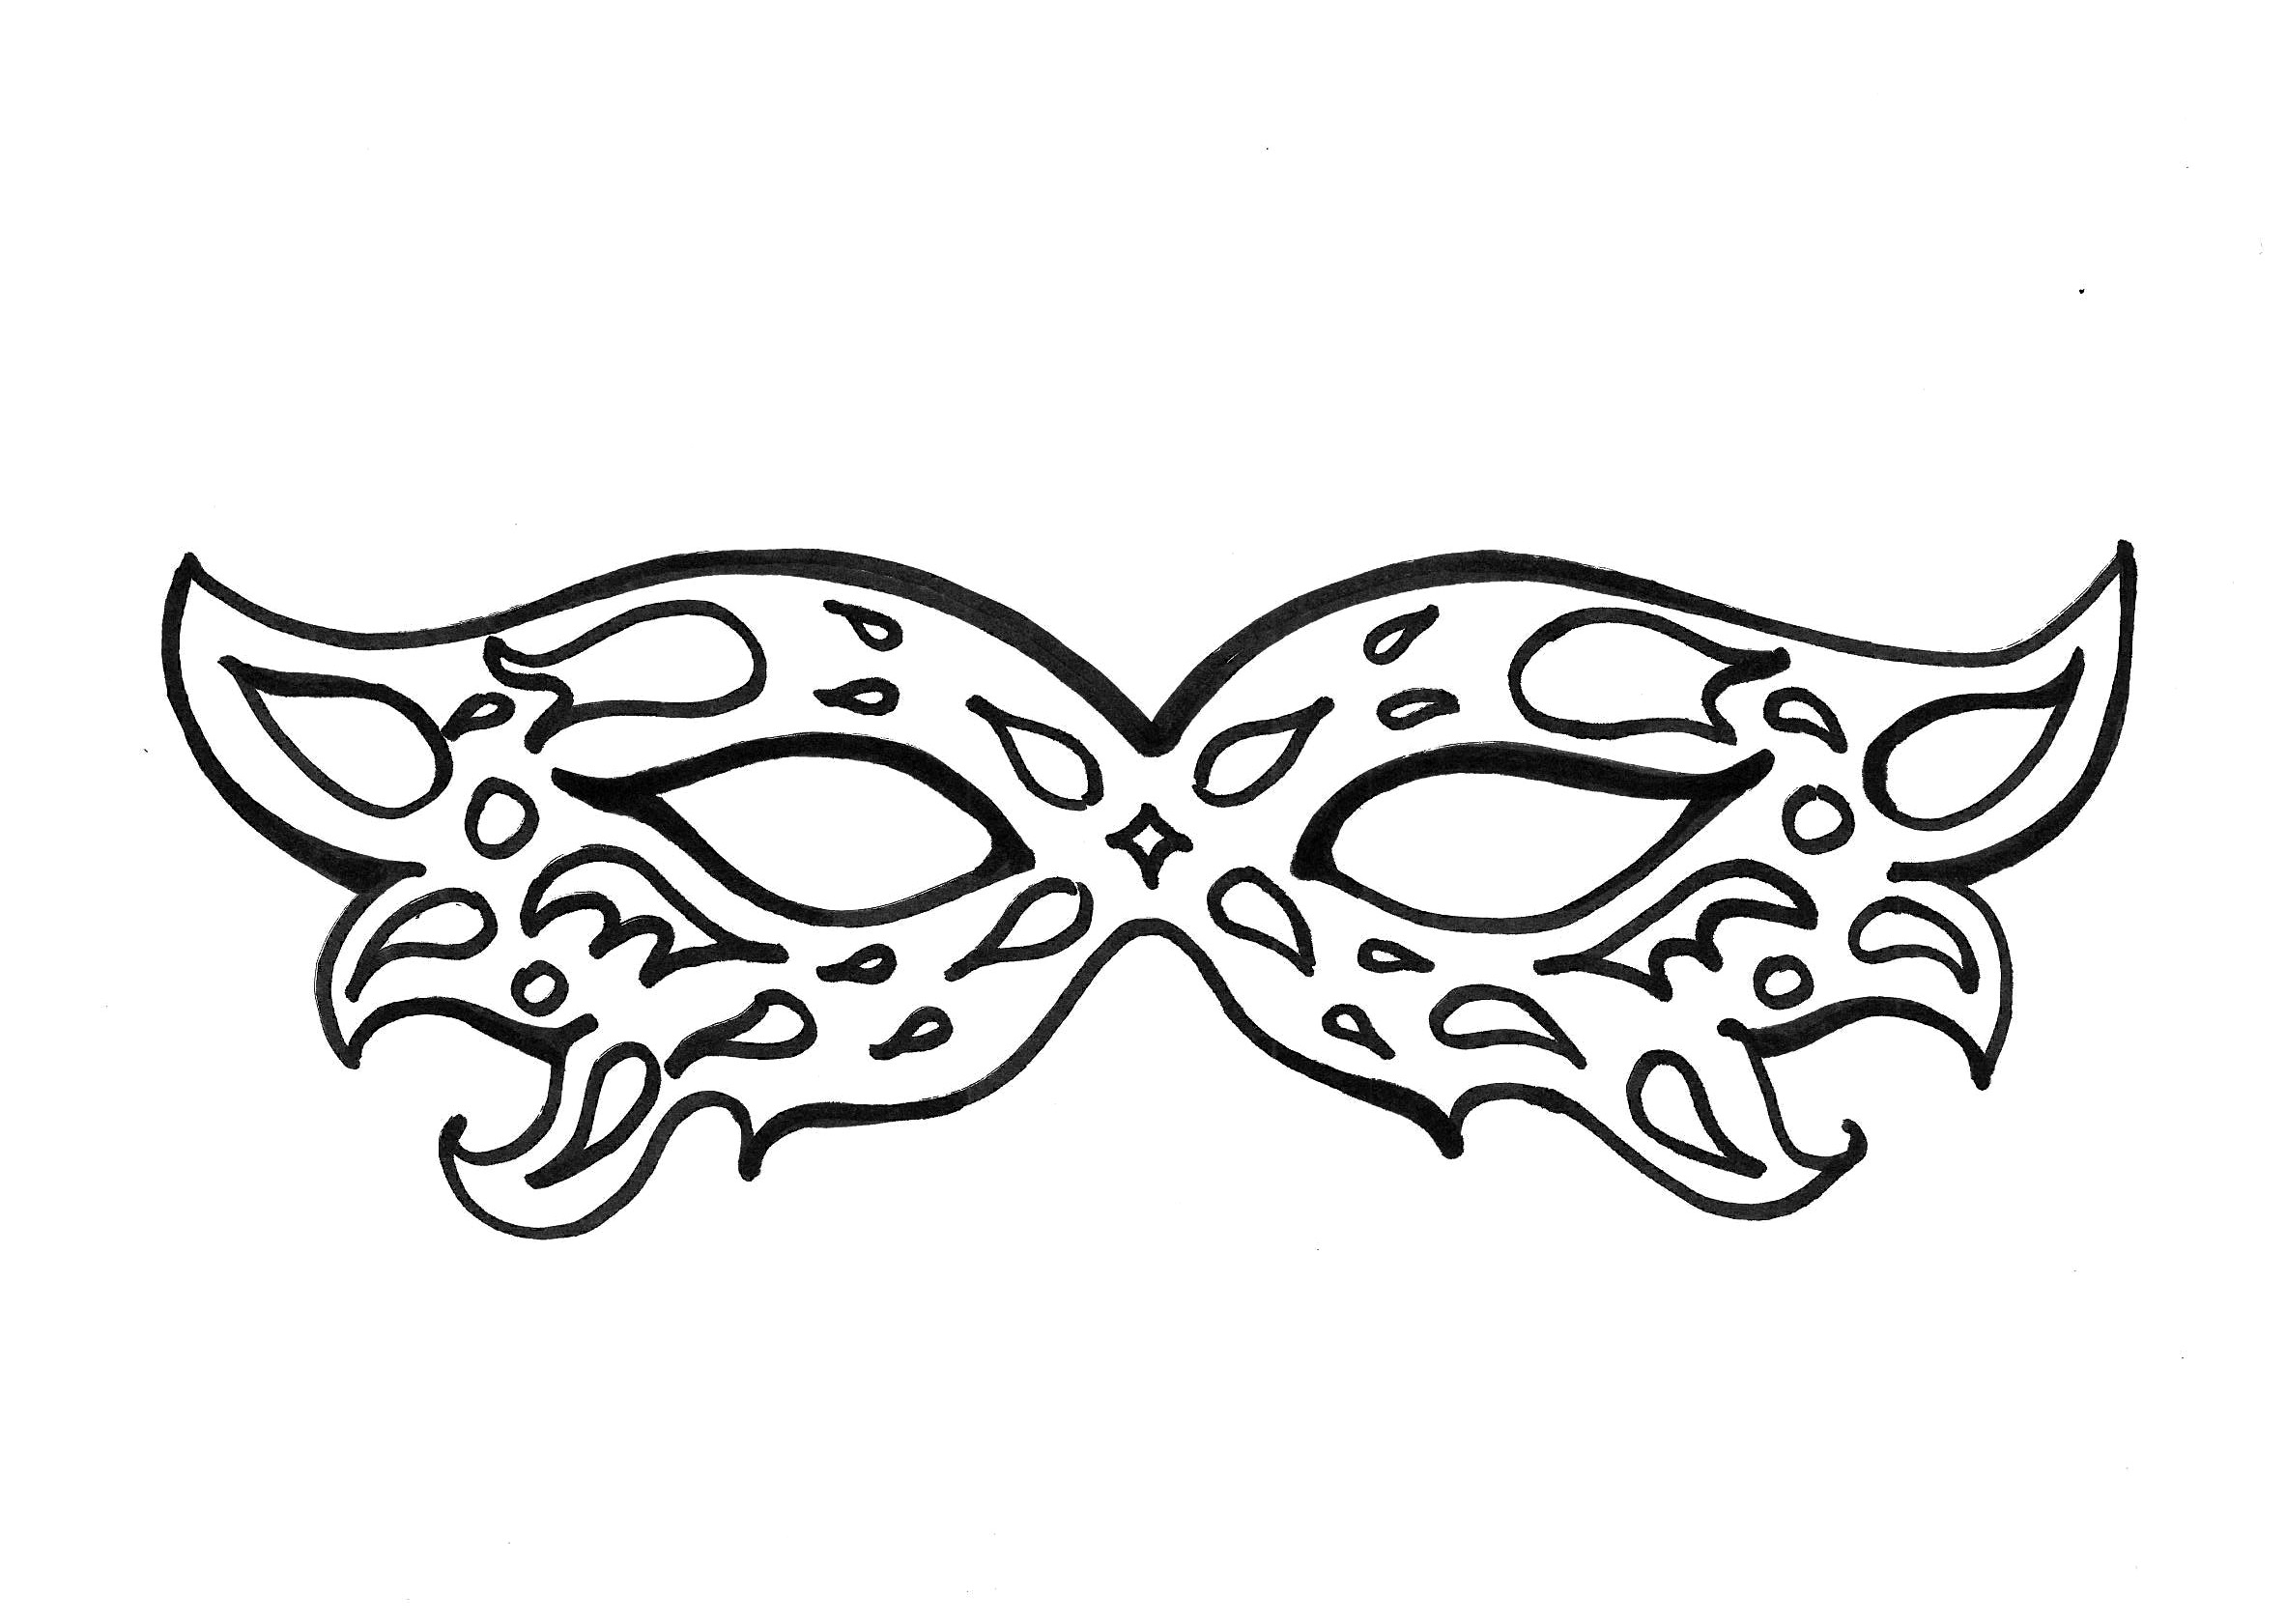 Coloriage Carnaval - Coloriages Pour Enfants tout Modele Masque De Carnaval A Imprimer